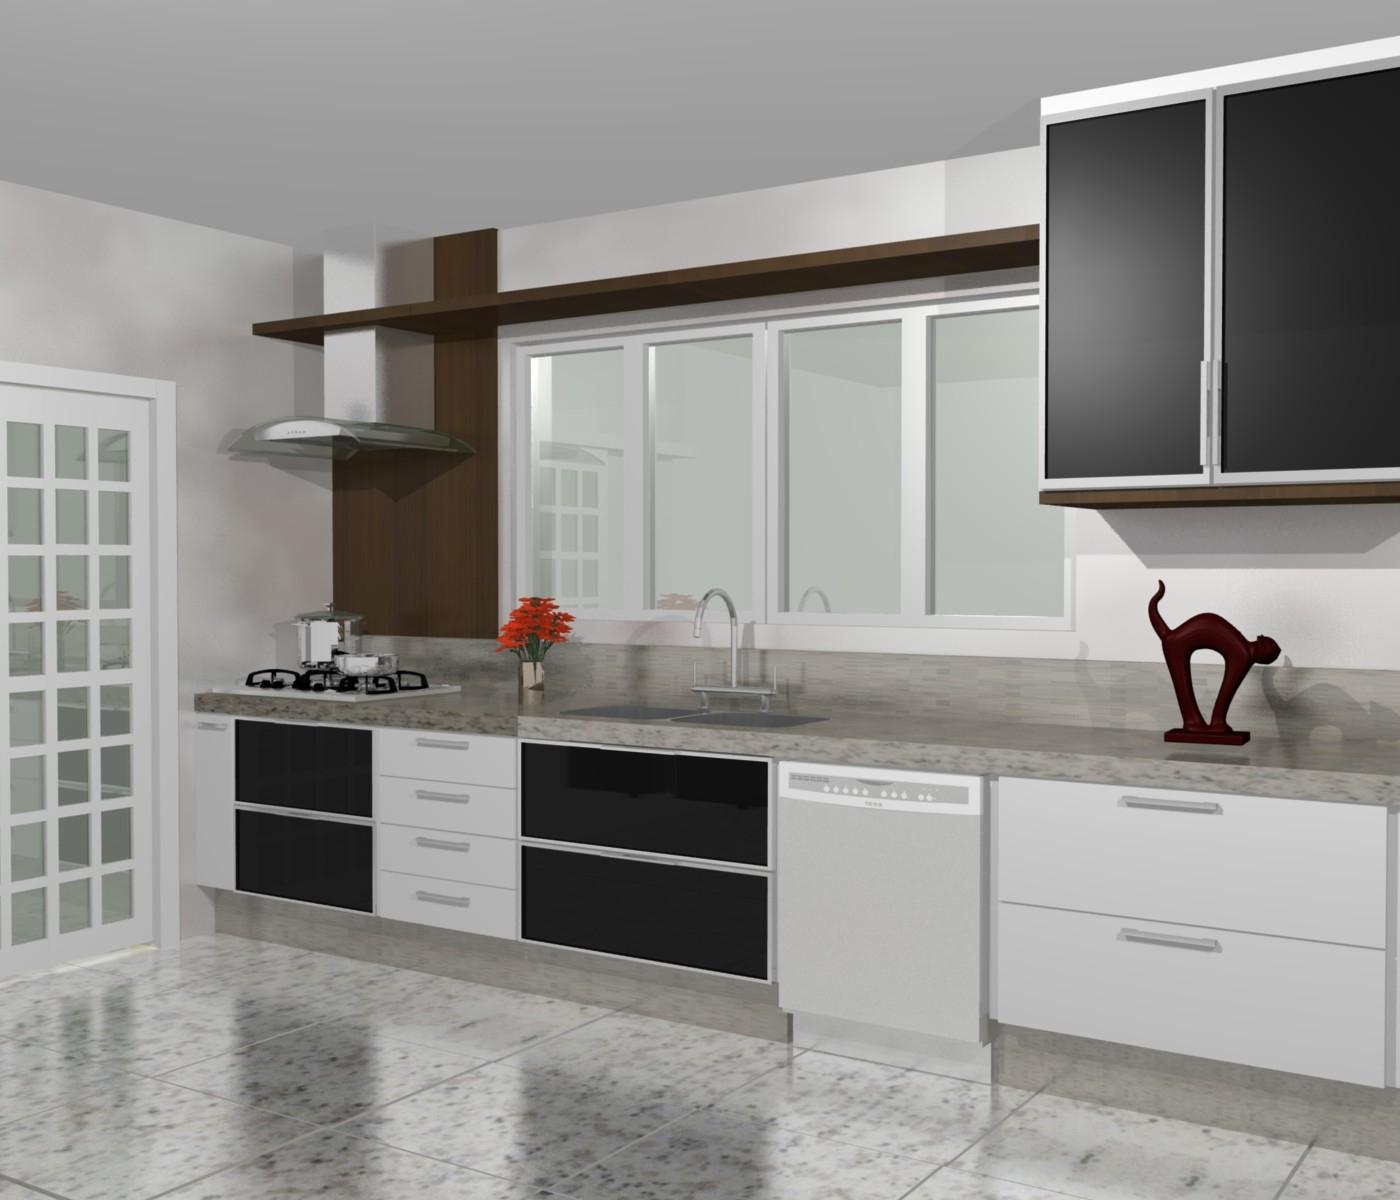 PROJETOS (11) 3976 8616: cozinha planejadas pequenas decorada #644839 1400 1200